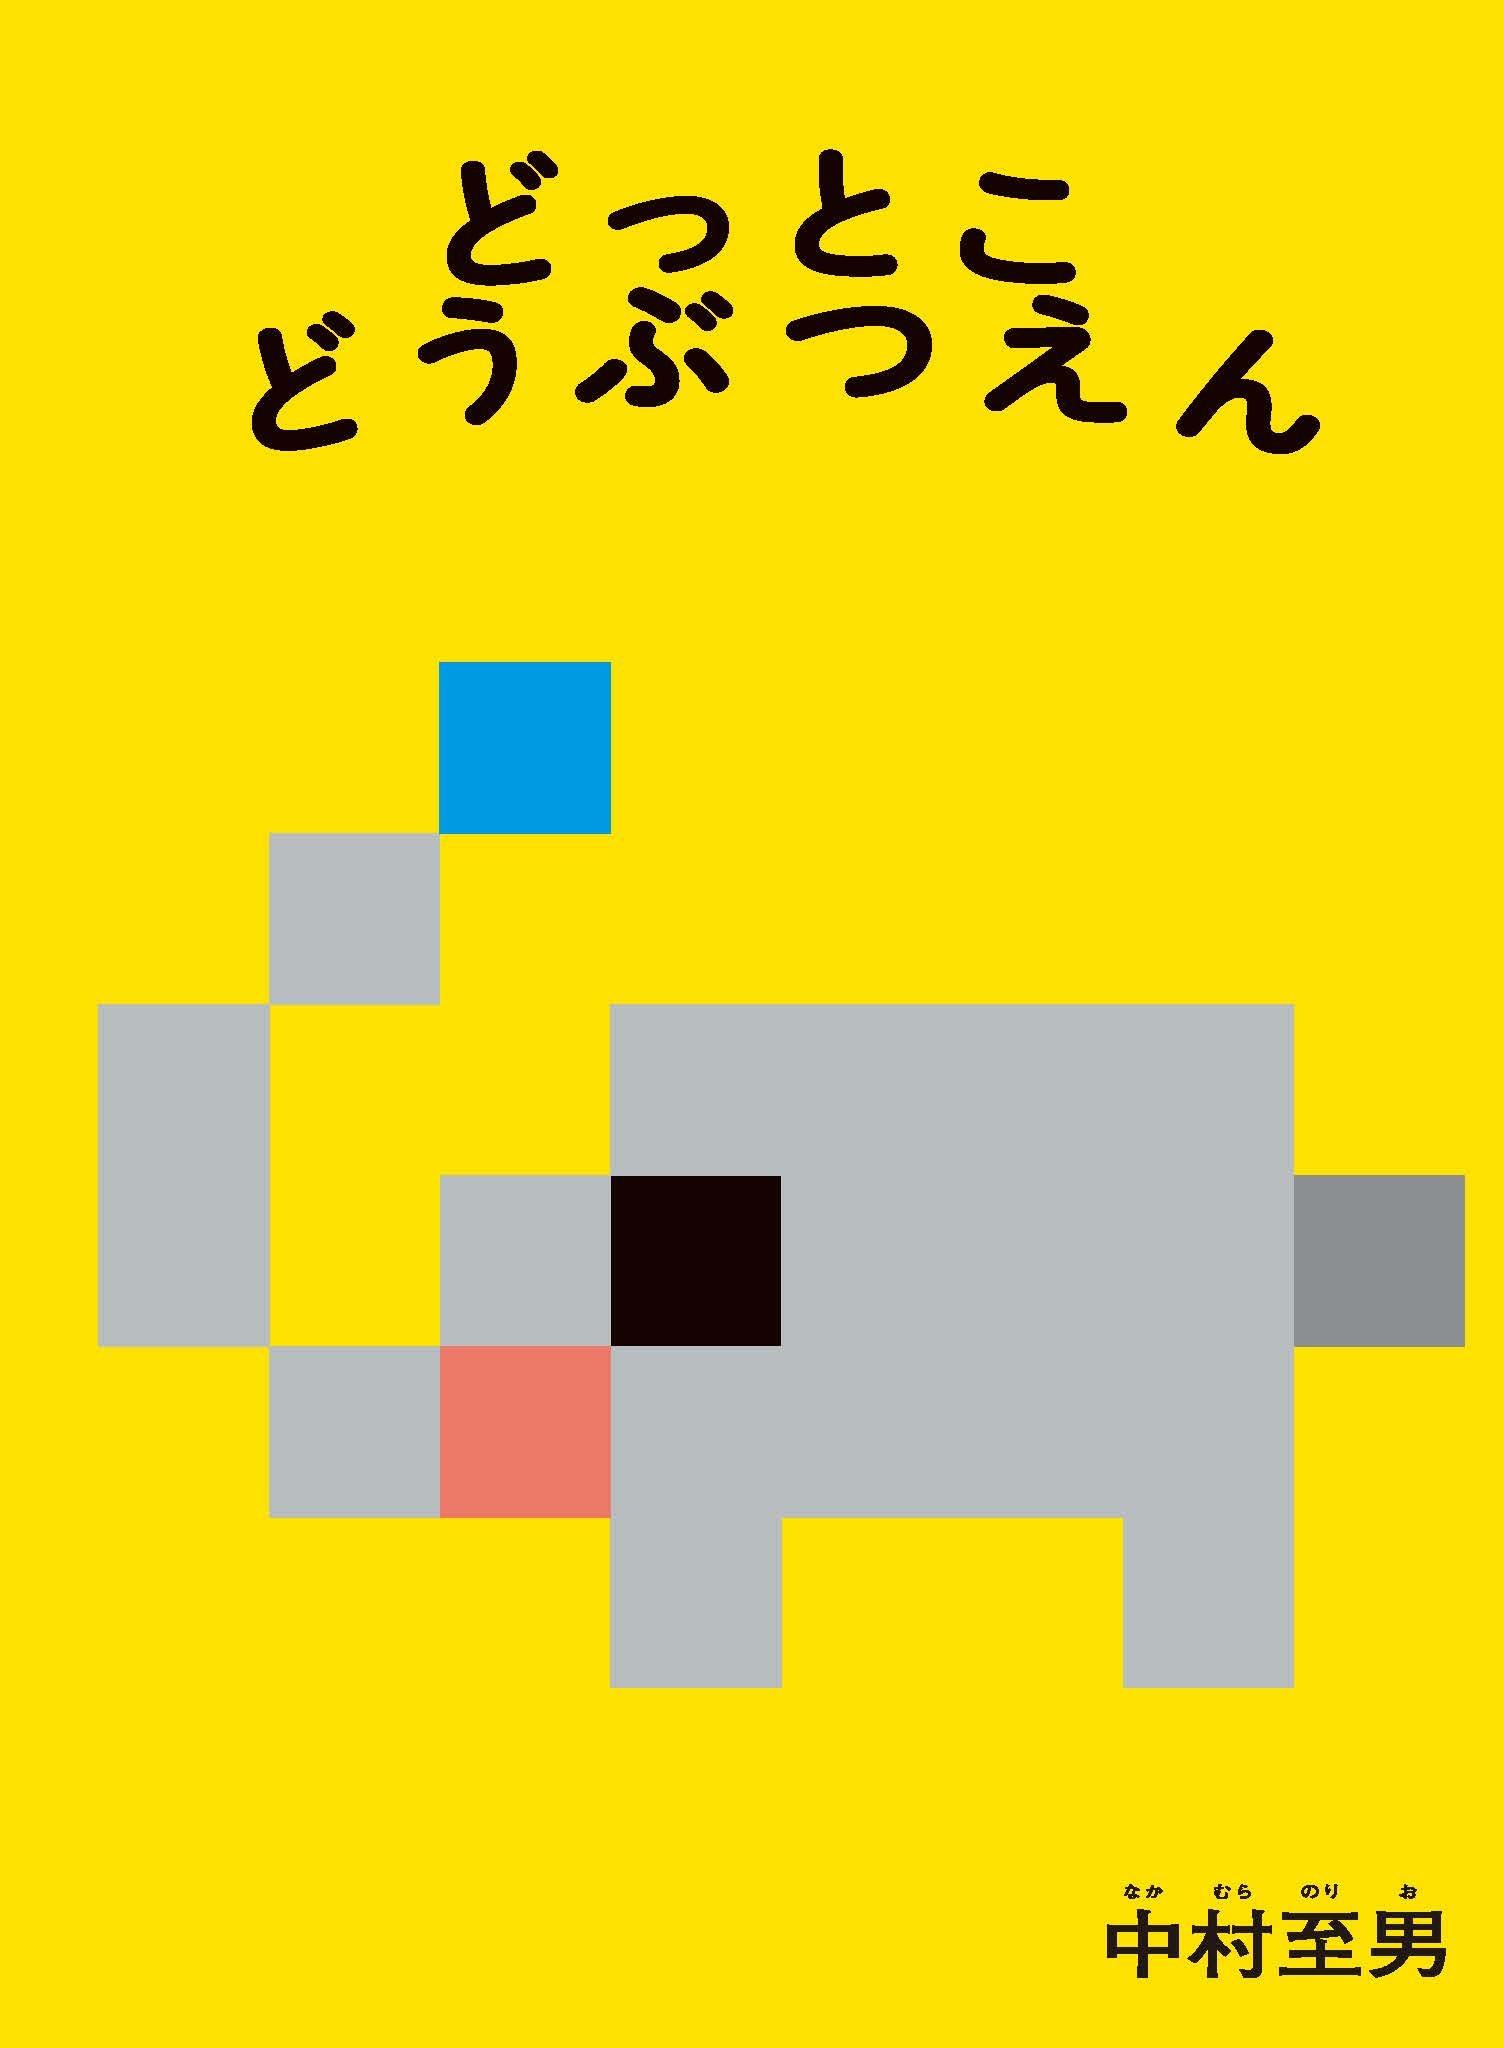 絵本『 どっとこ どうぶつえん』 2012